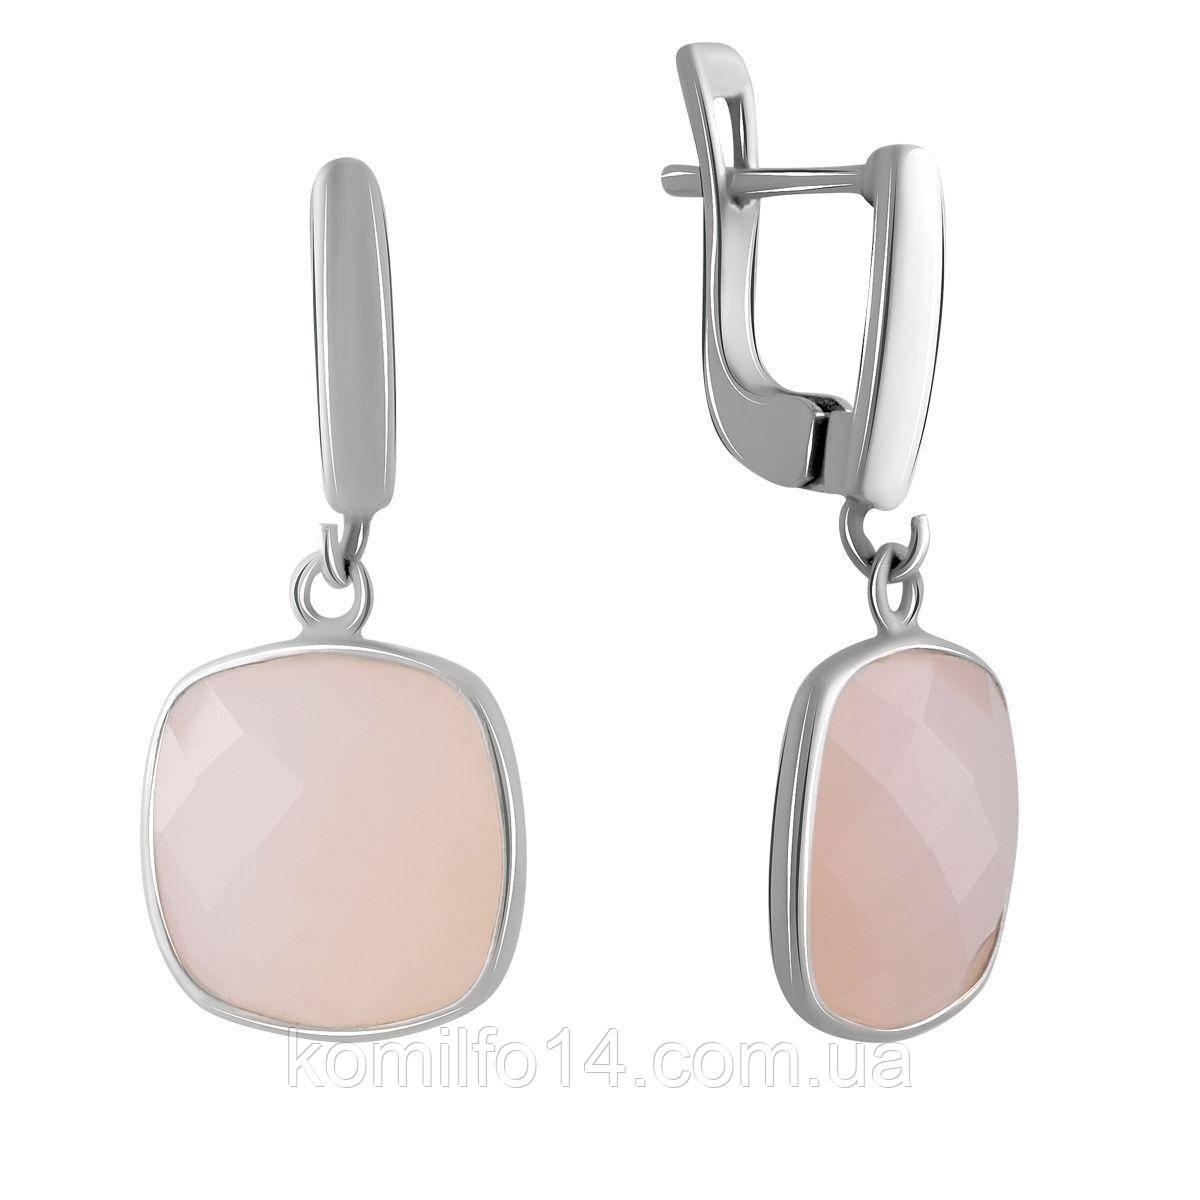 Серебряные серьги Komilfo с натуральным розовым кварцем (2064756)